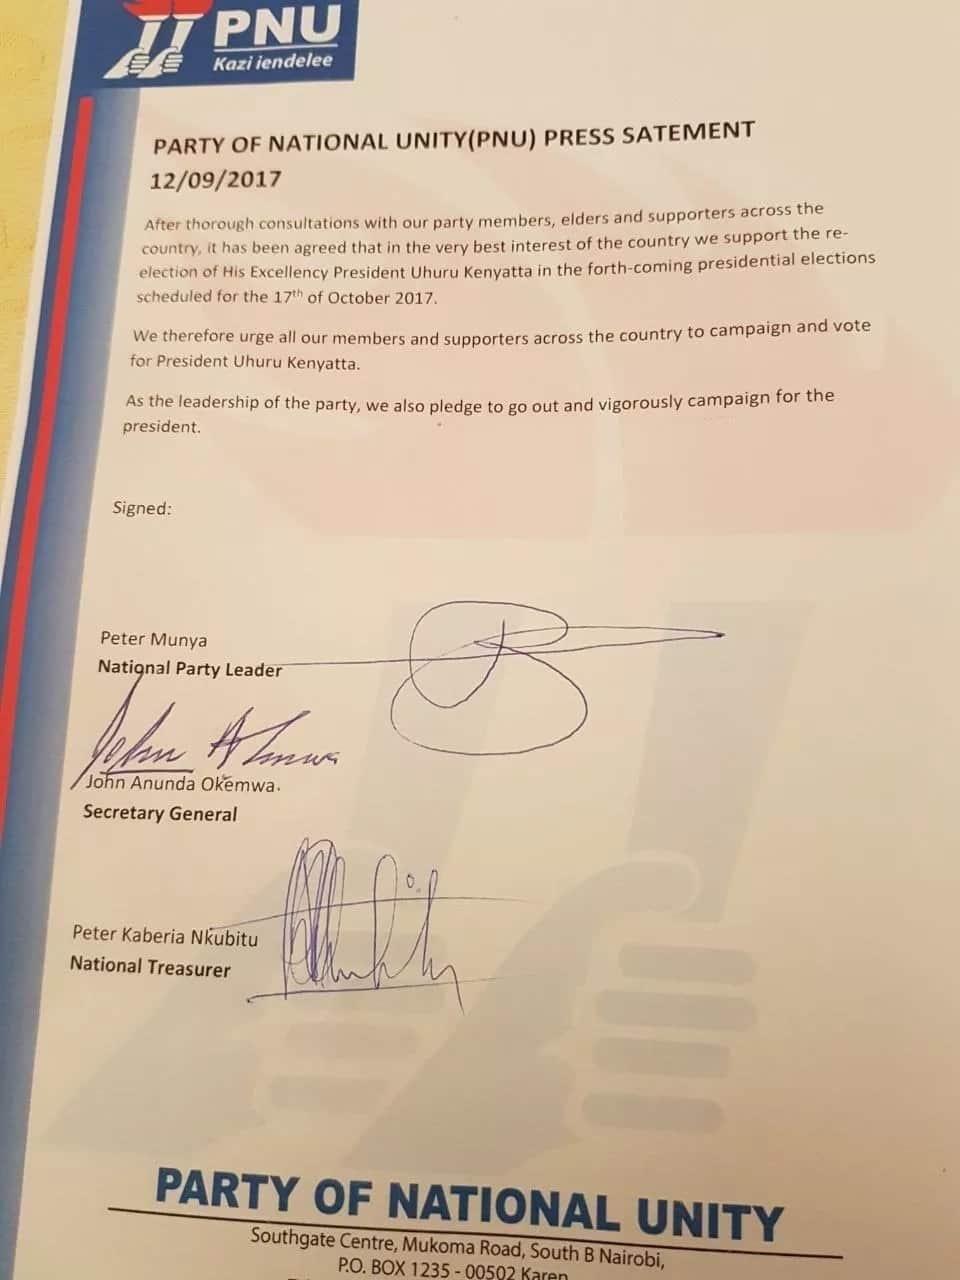 Mwana mpotevu amtosa Raila na kurejea nyumbani siku chache baada ya kuingia NASA